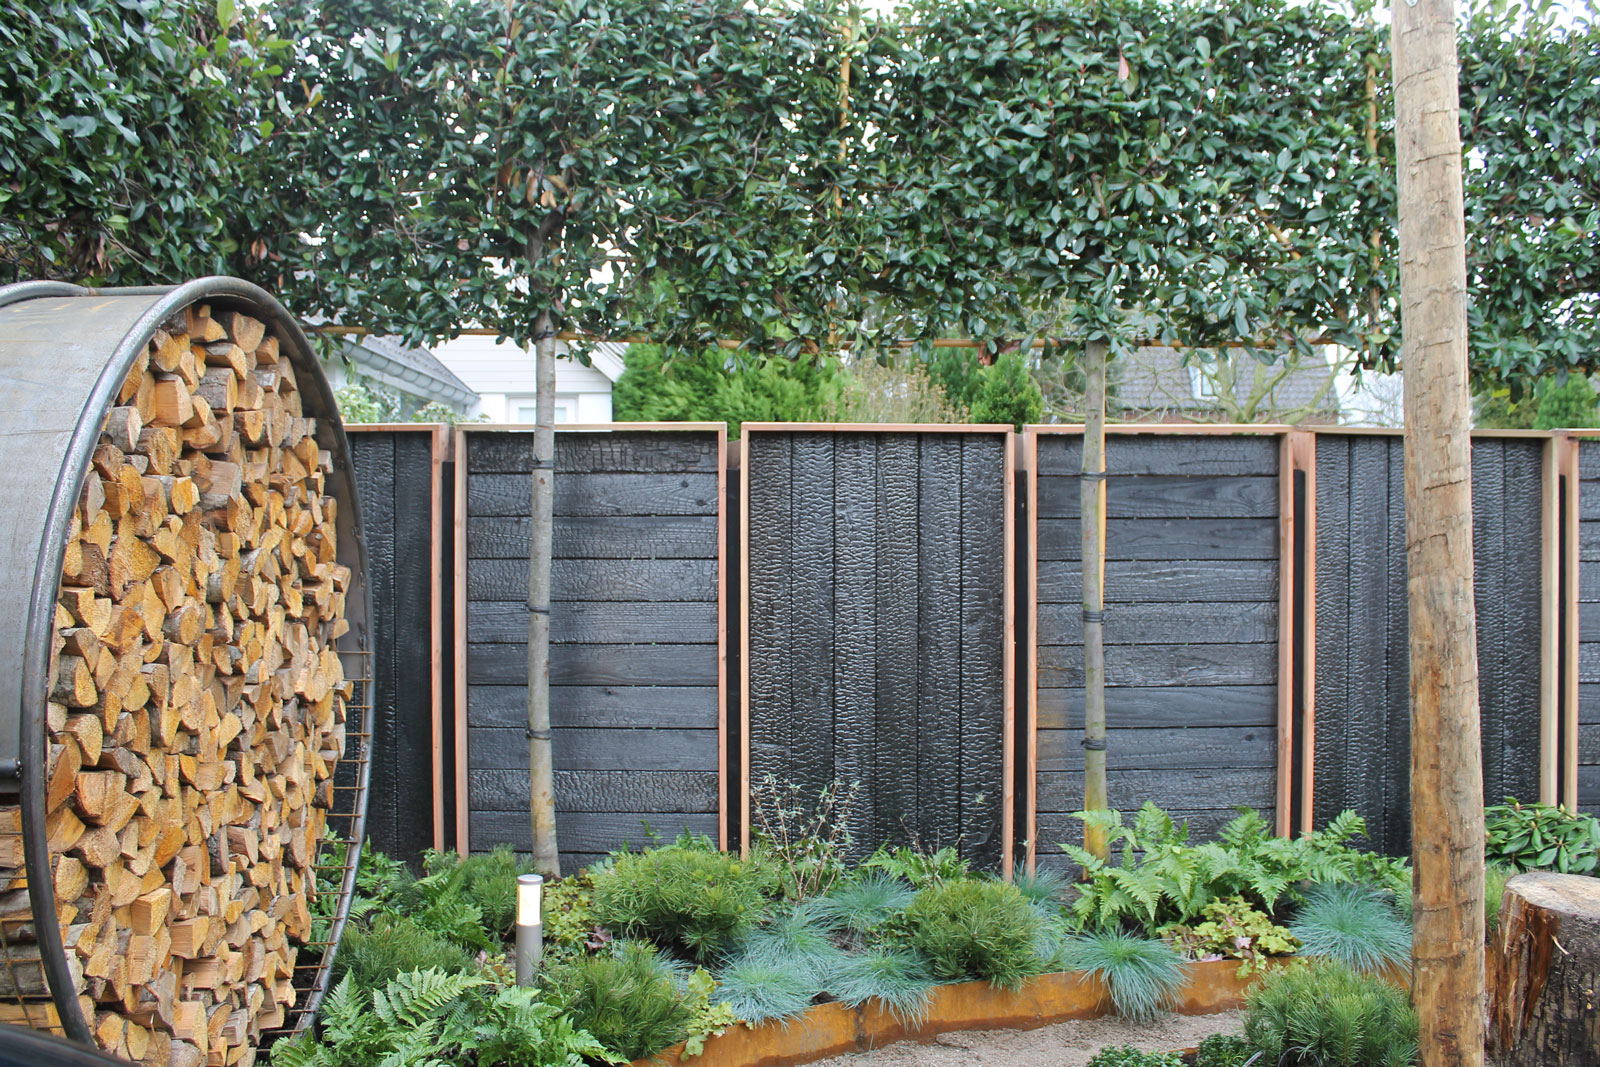 Eigenhuis En Tuin : Thetube schittert bij eigen huis tuin faber haarden